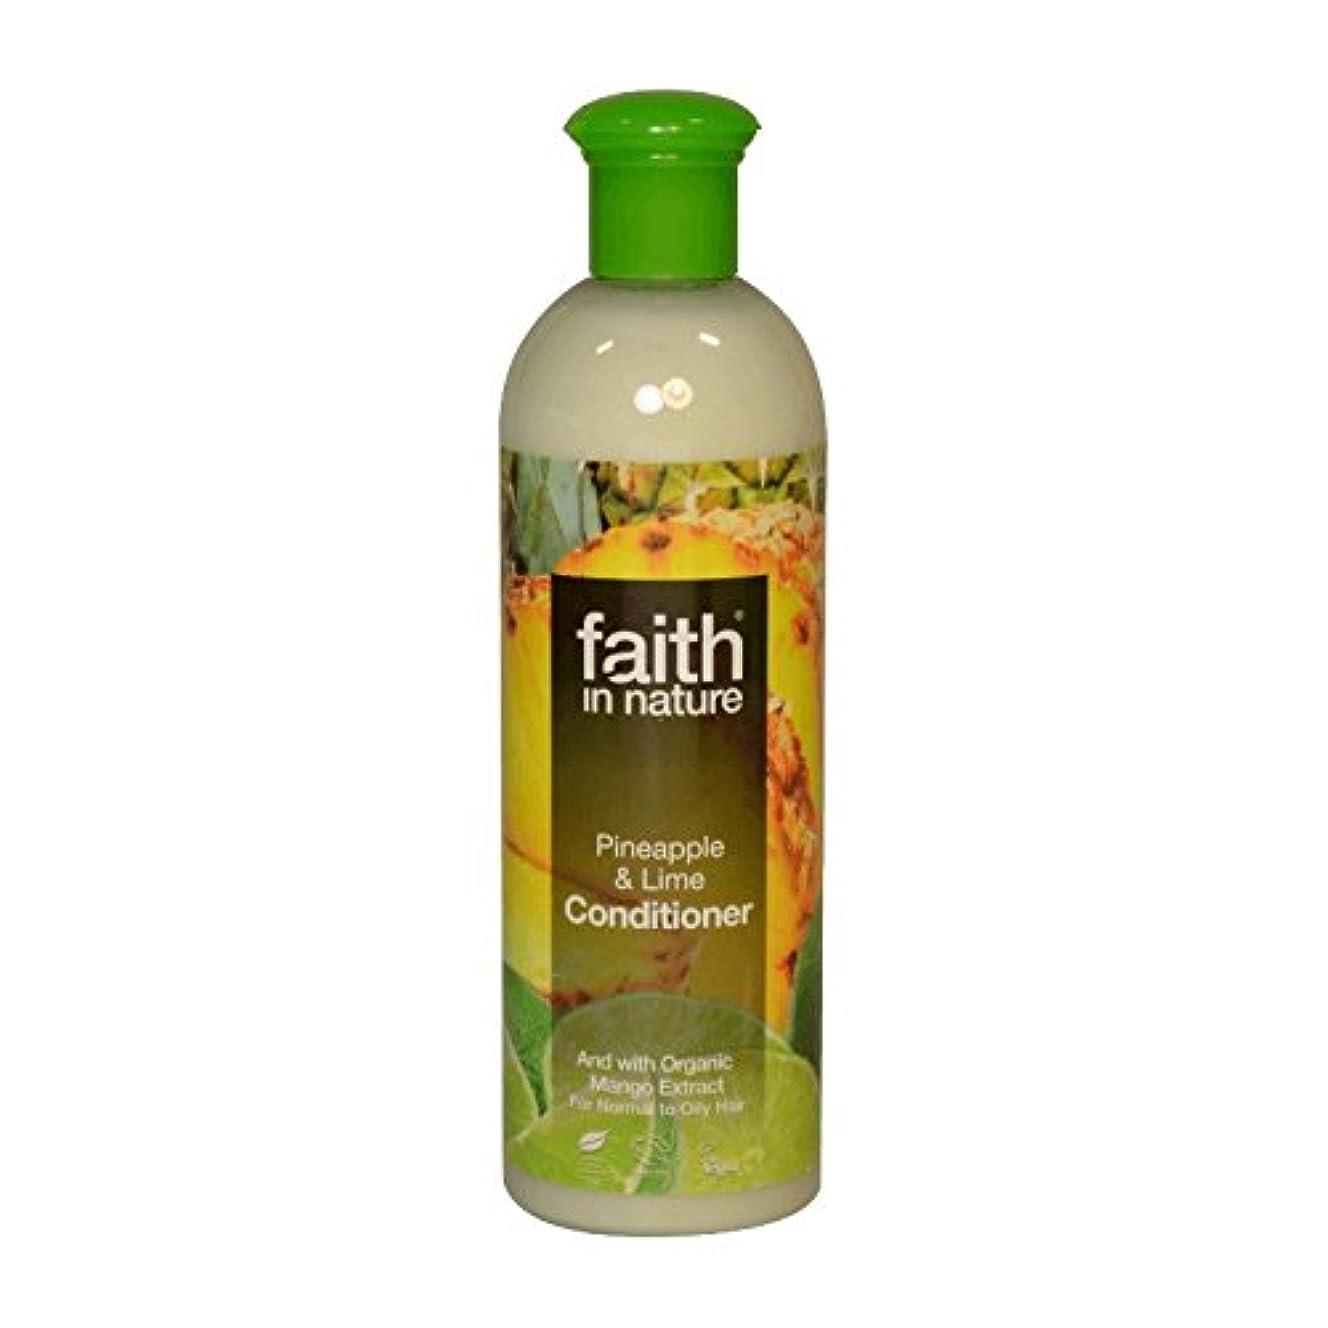 校長ダイバー慈悲自然パイナップル&ライムコンディショナー400ミリリットルの信仰 - Faith in Nature Pineapple & Lime Conditioner 400ml (Faith in Nature) [並行輸入品]